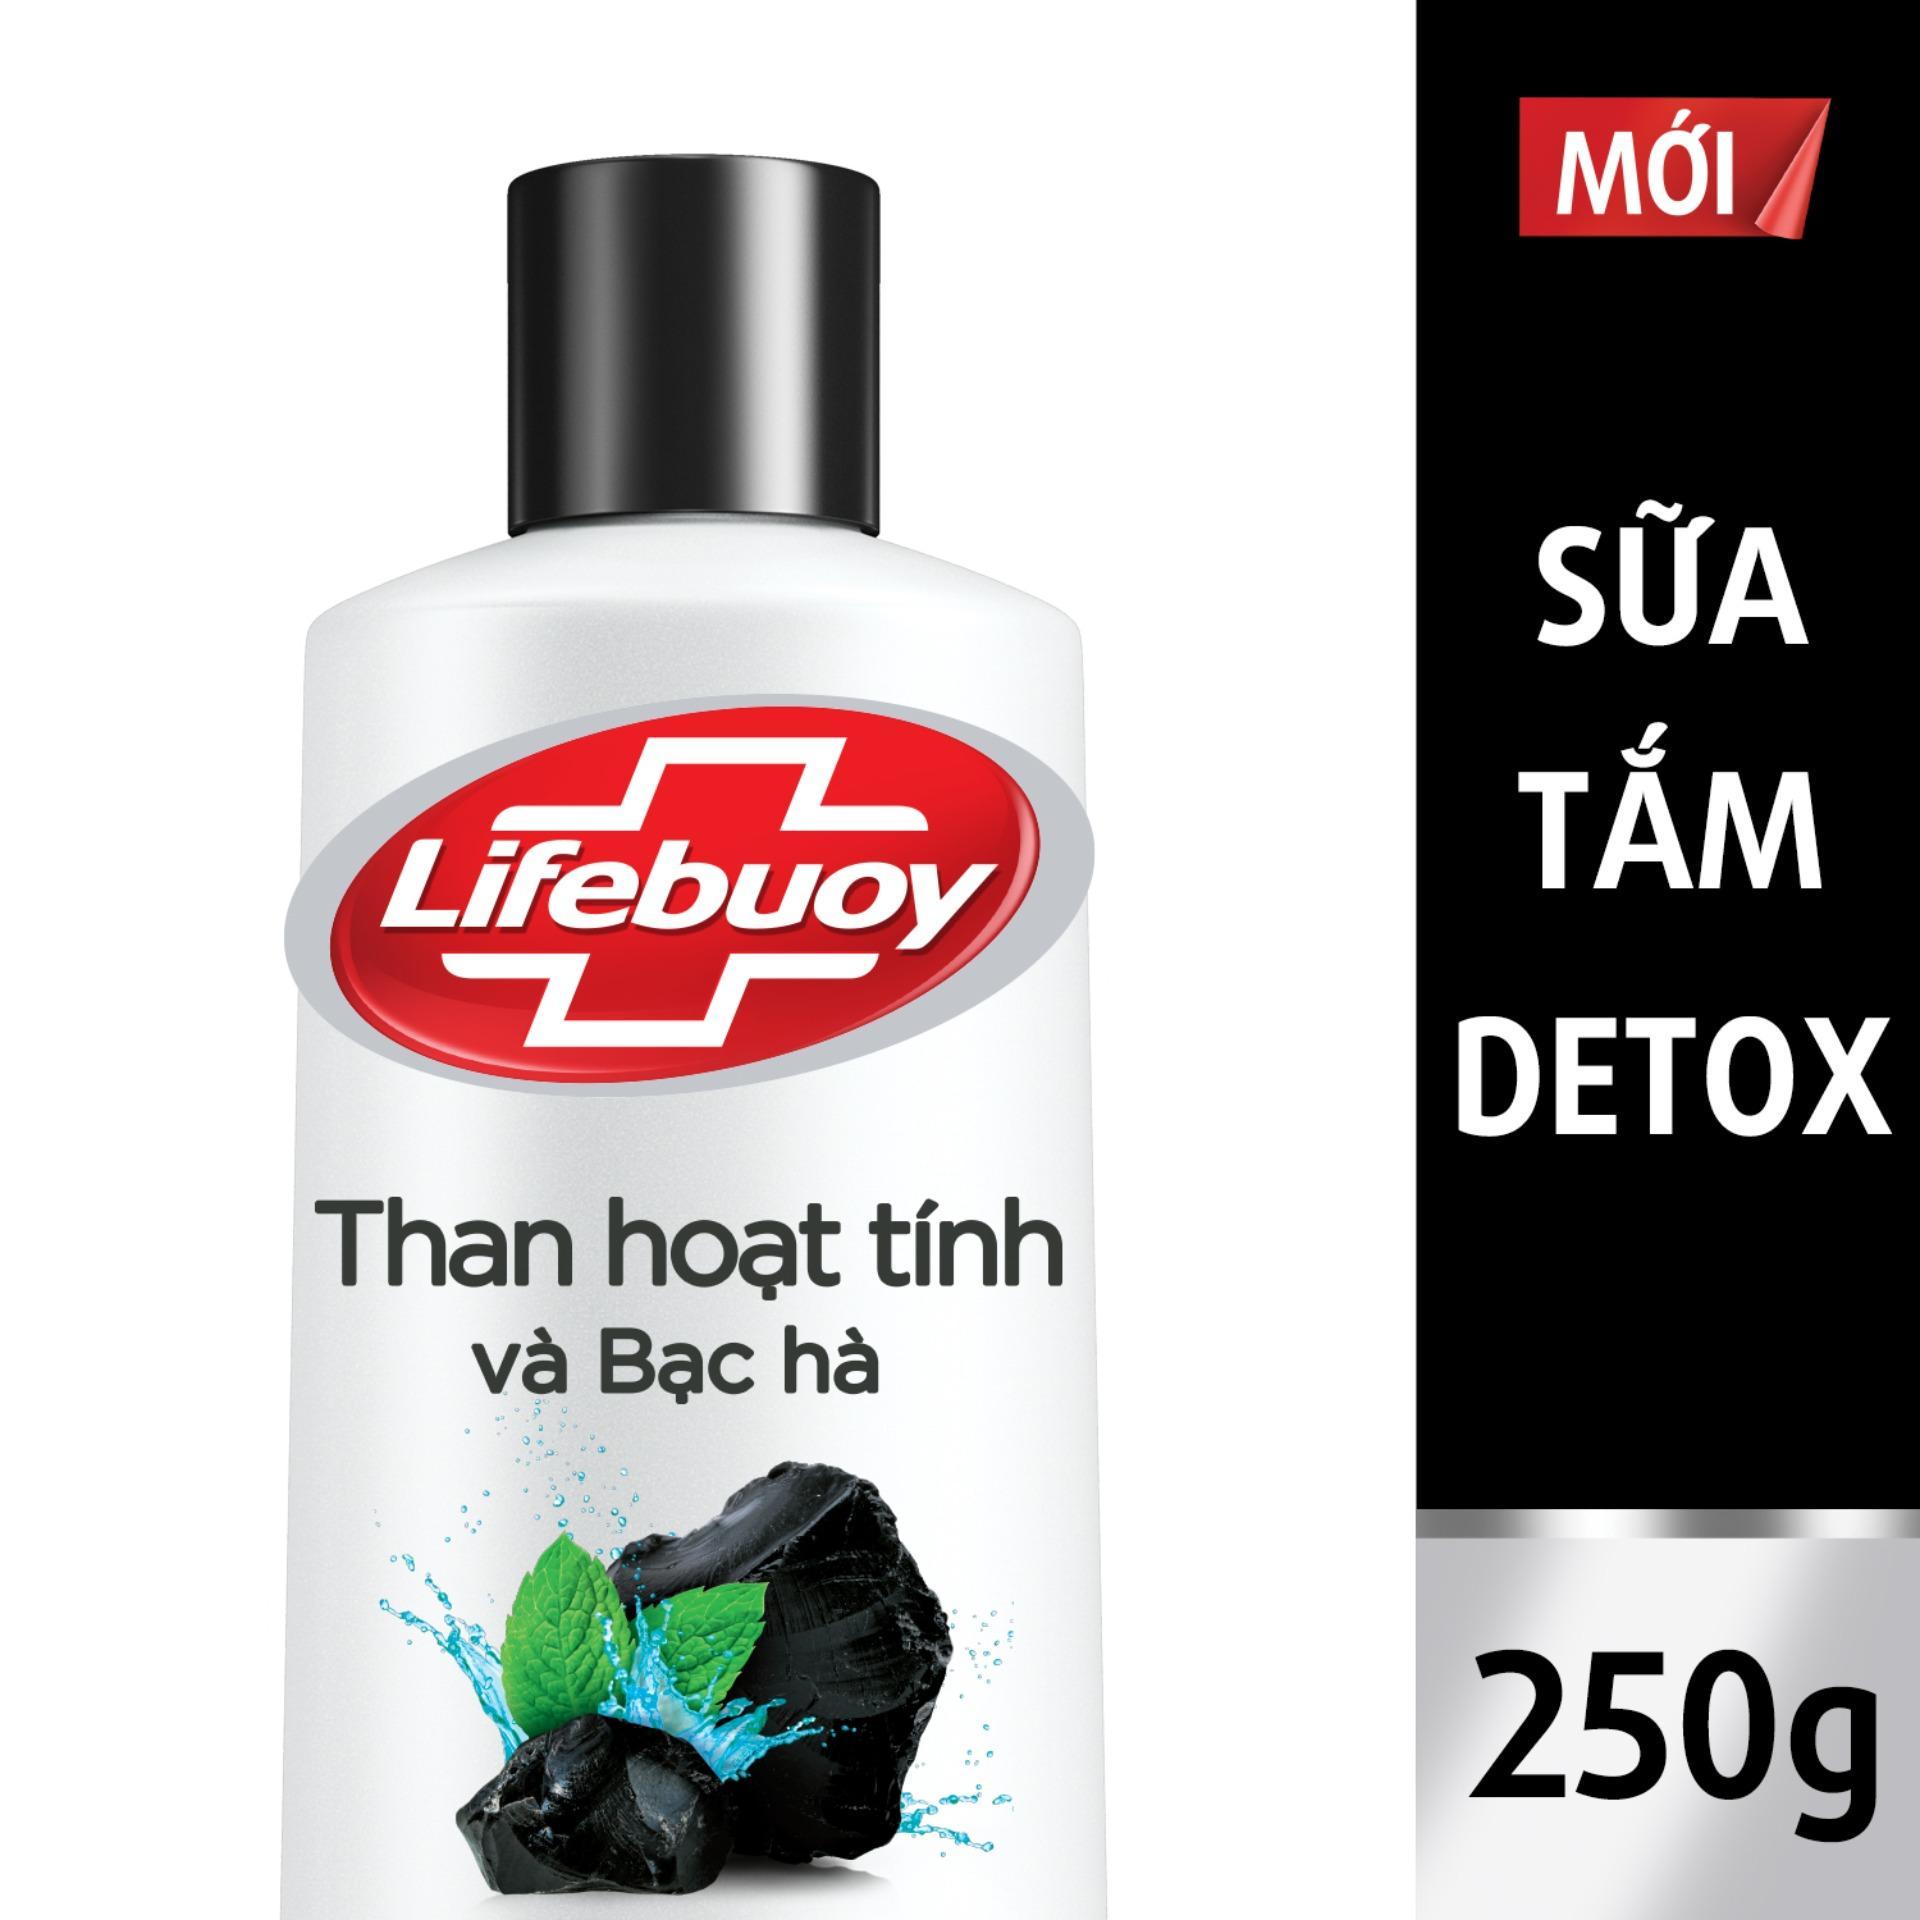 Sữa tắm Detox Lifebuoy - Than hoạt tính & Bạc hà 250g nhập khẩu